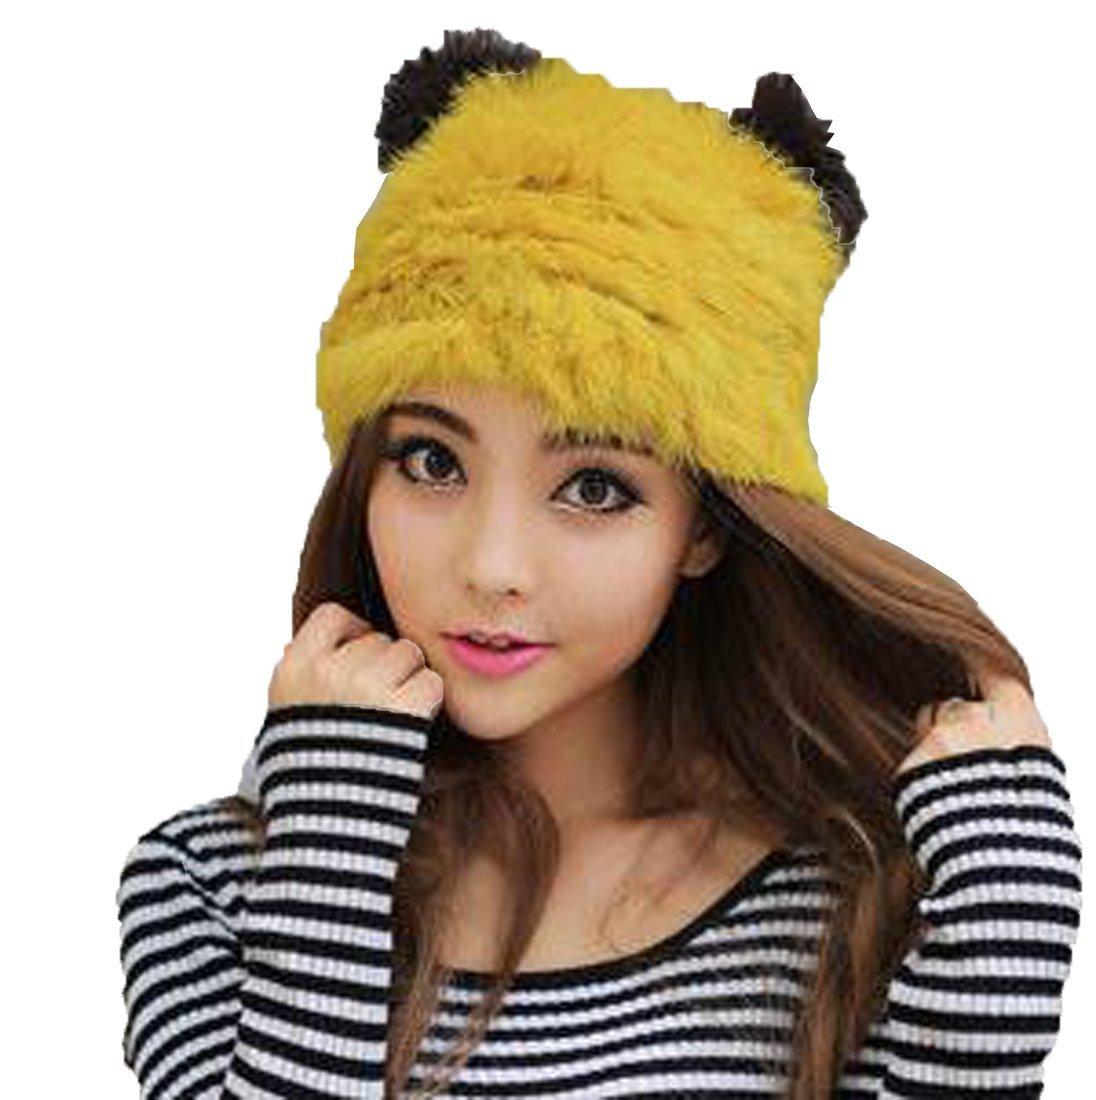 d8e9752a1f1 Get Quotations · LAN-GO Fashion Cute Cat Ears Hat Women Winter Warm Lady Hat  Ear Cap (